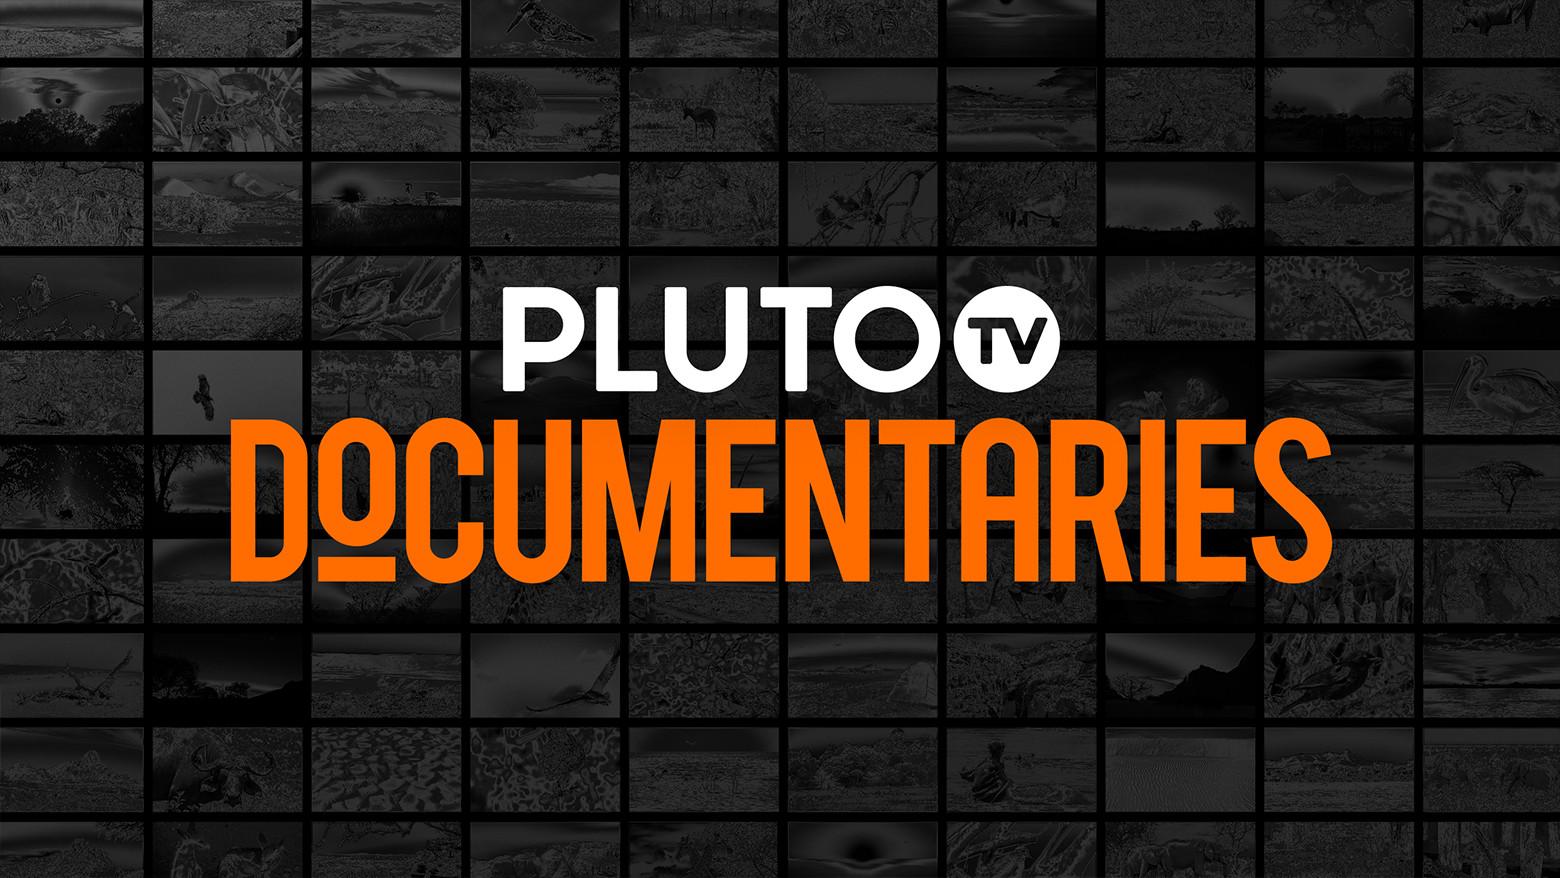 PTV Documentaries.jpg